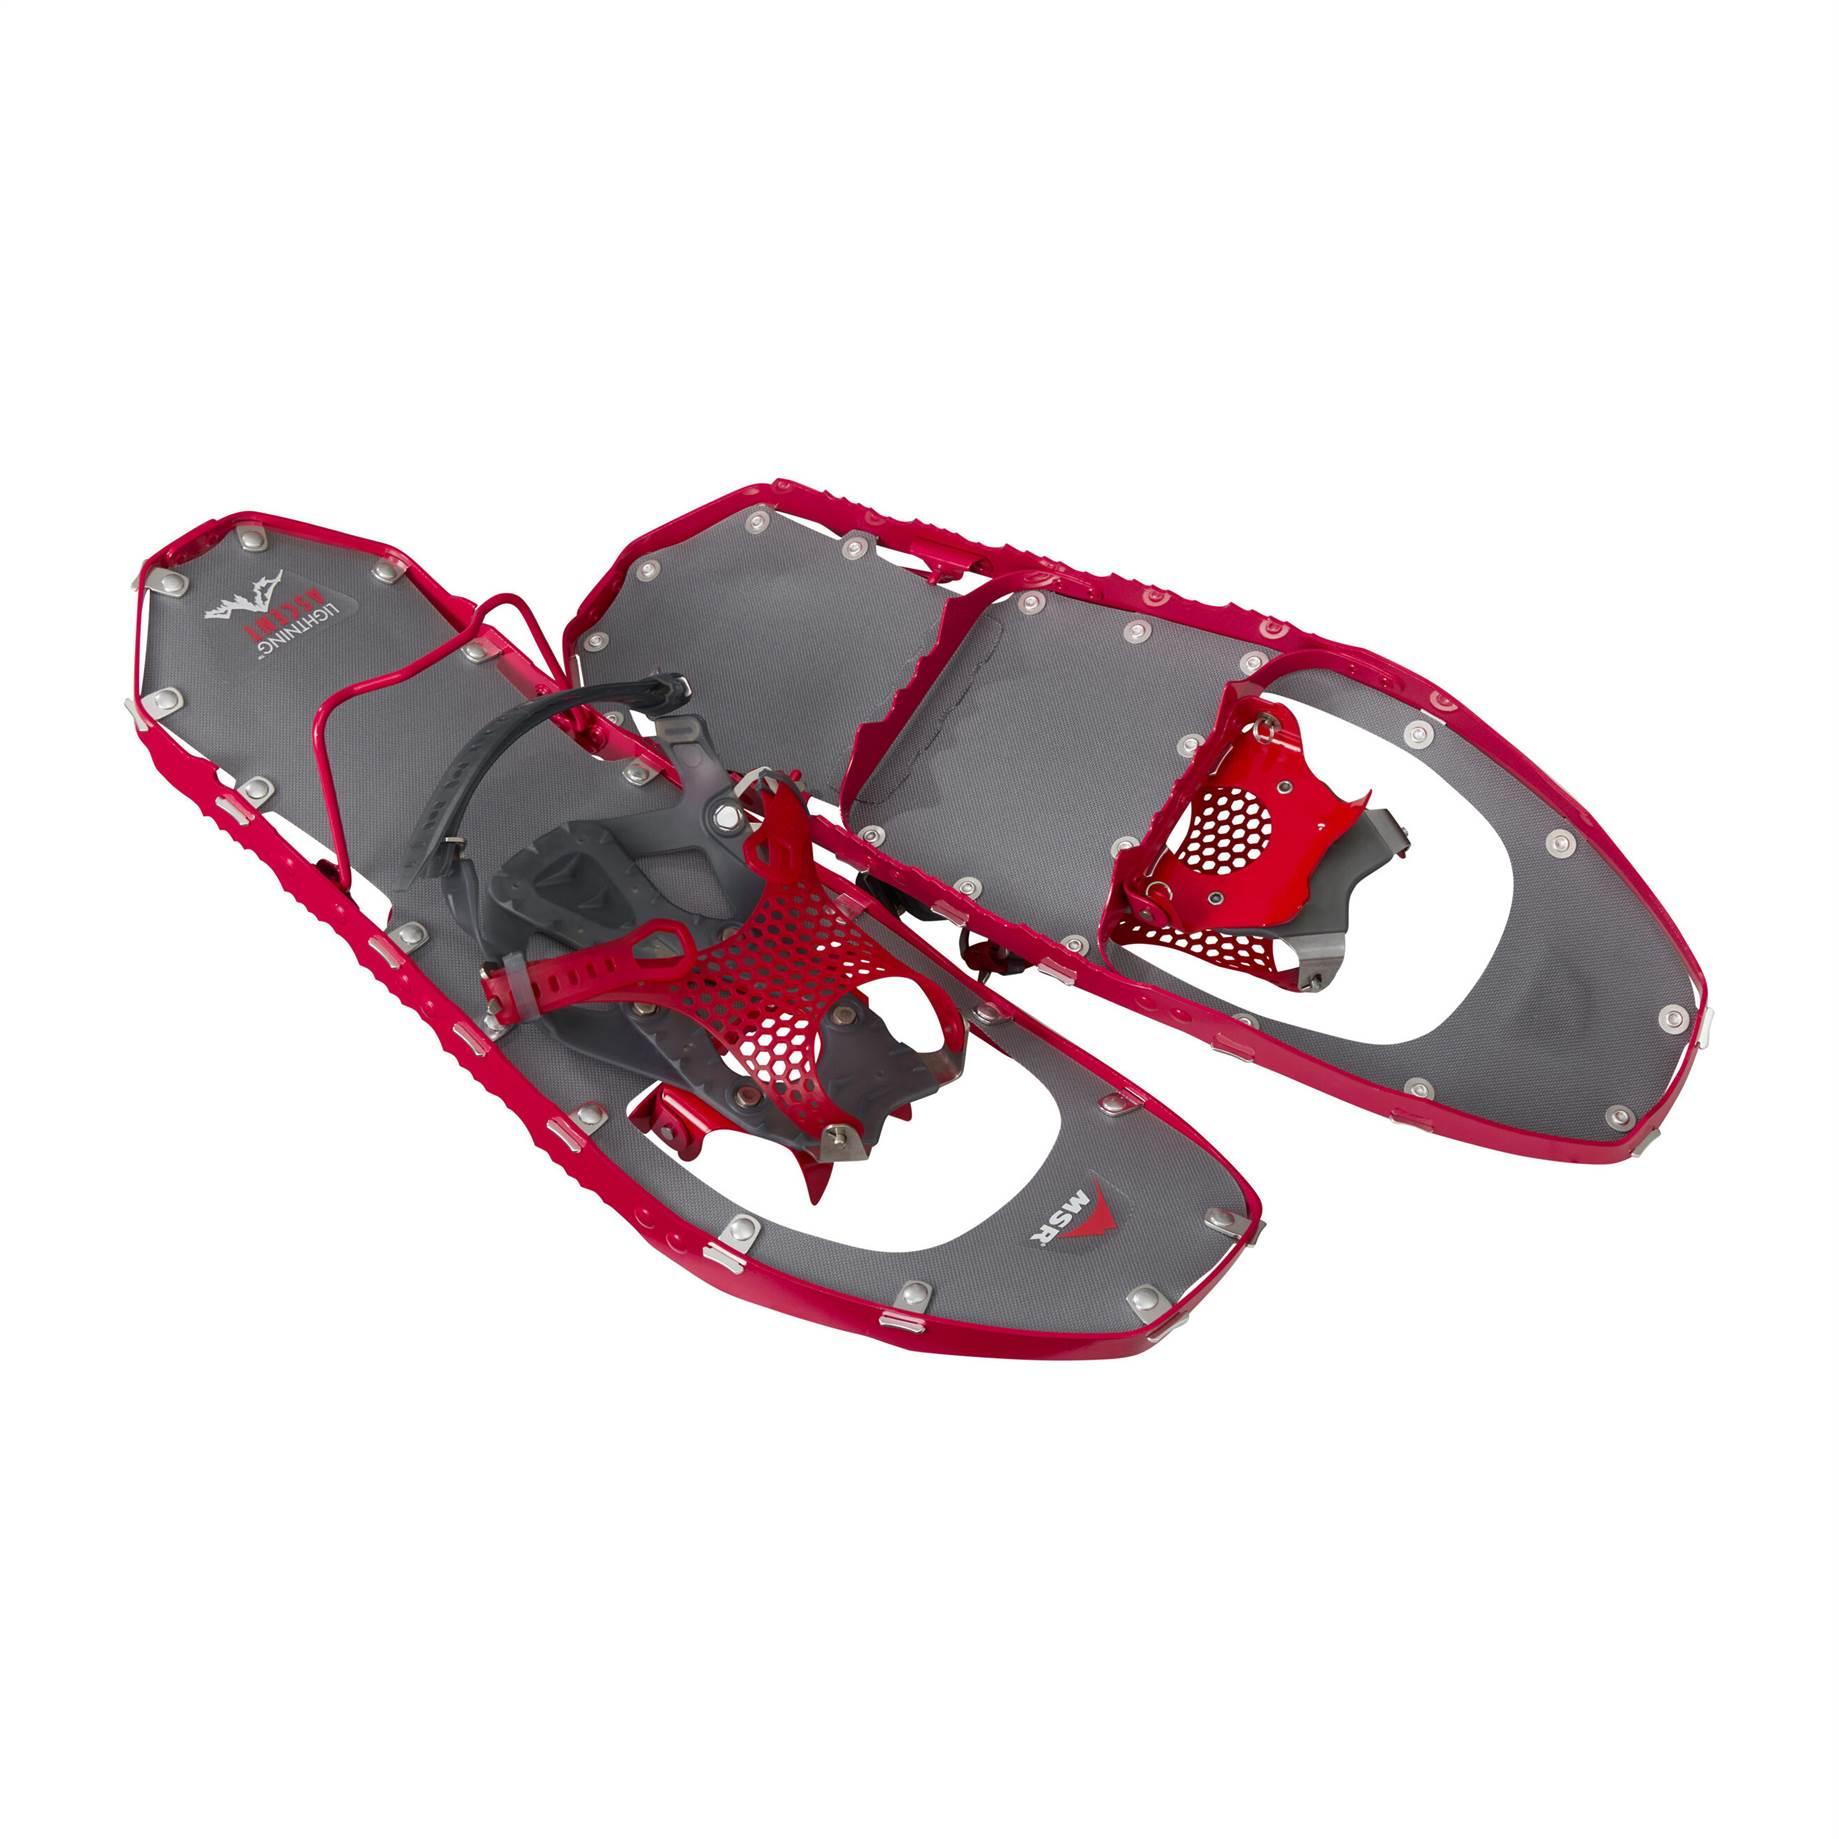 LAscent W22 Snowshoe - Raspberry